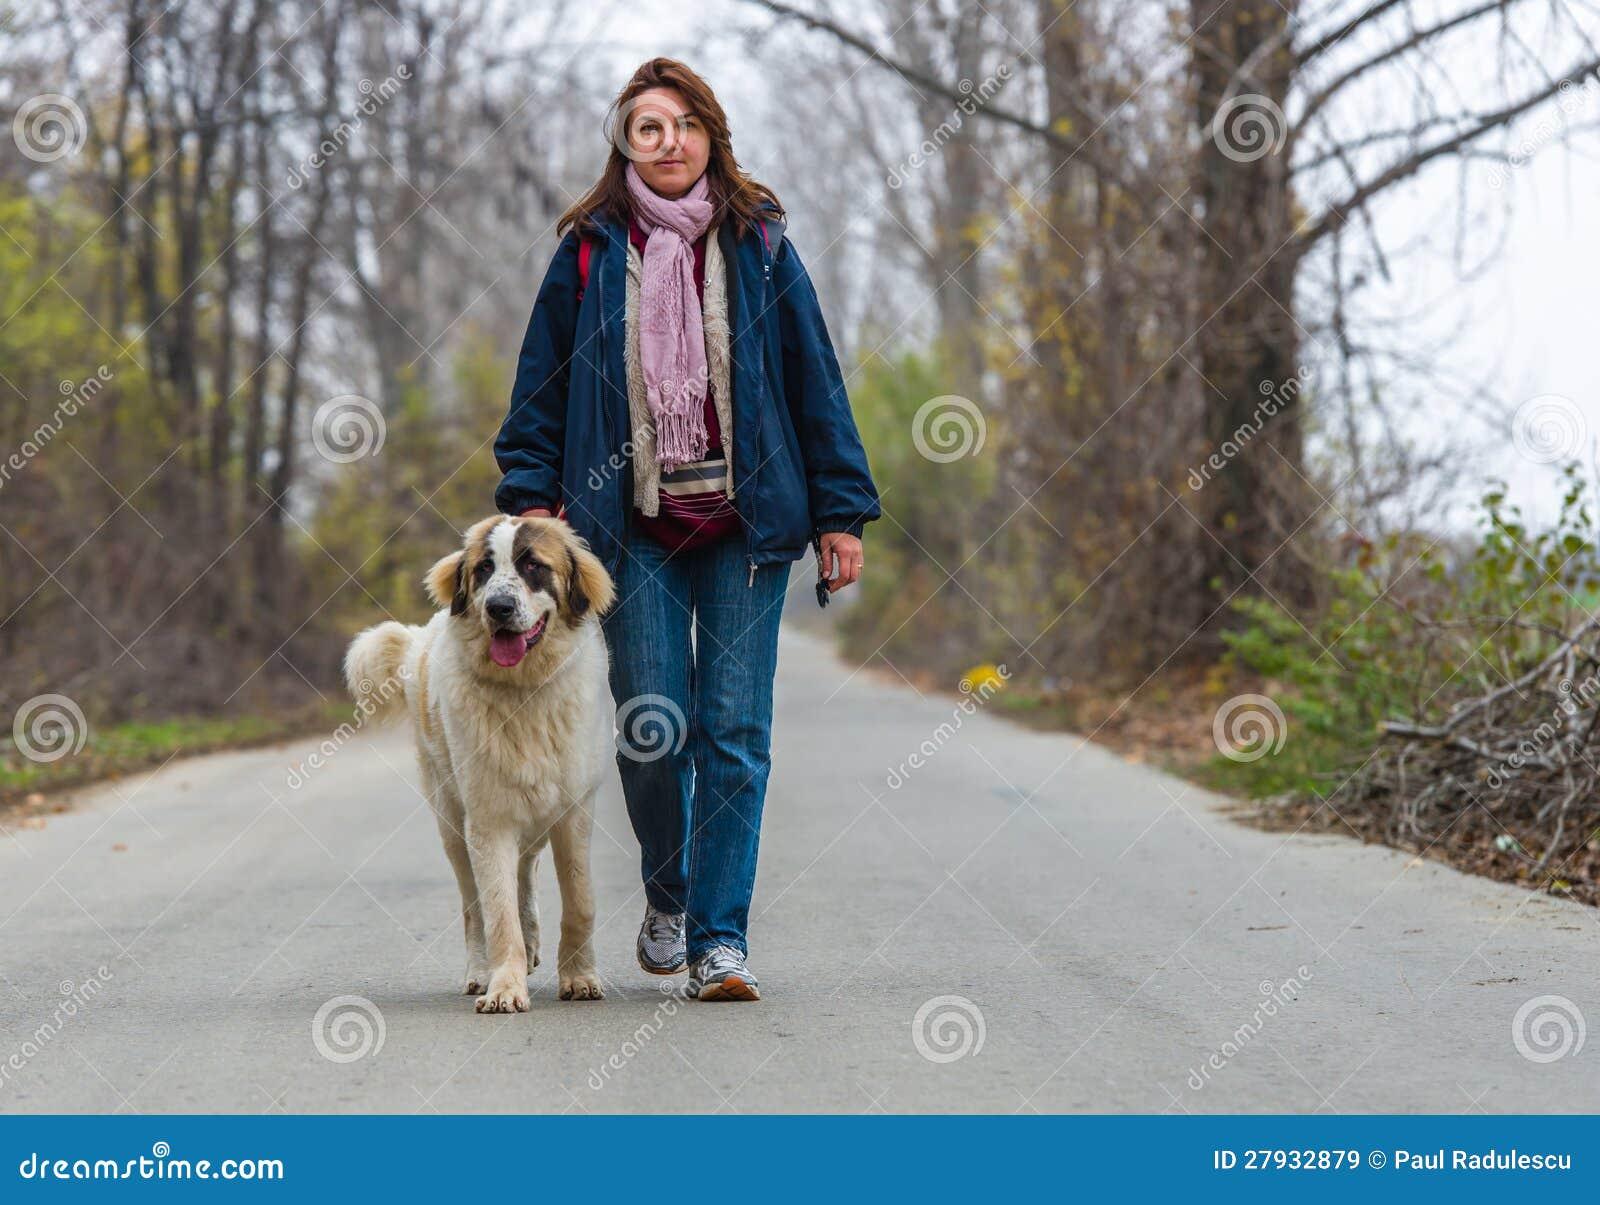 Ragazza addestra il suo fidanzato come un bravo cane 8